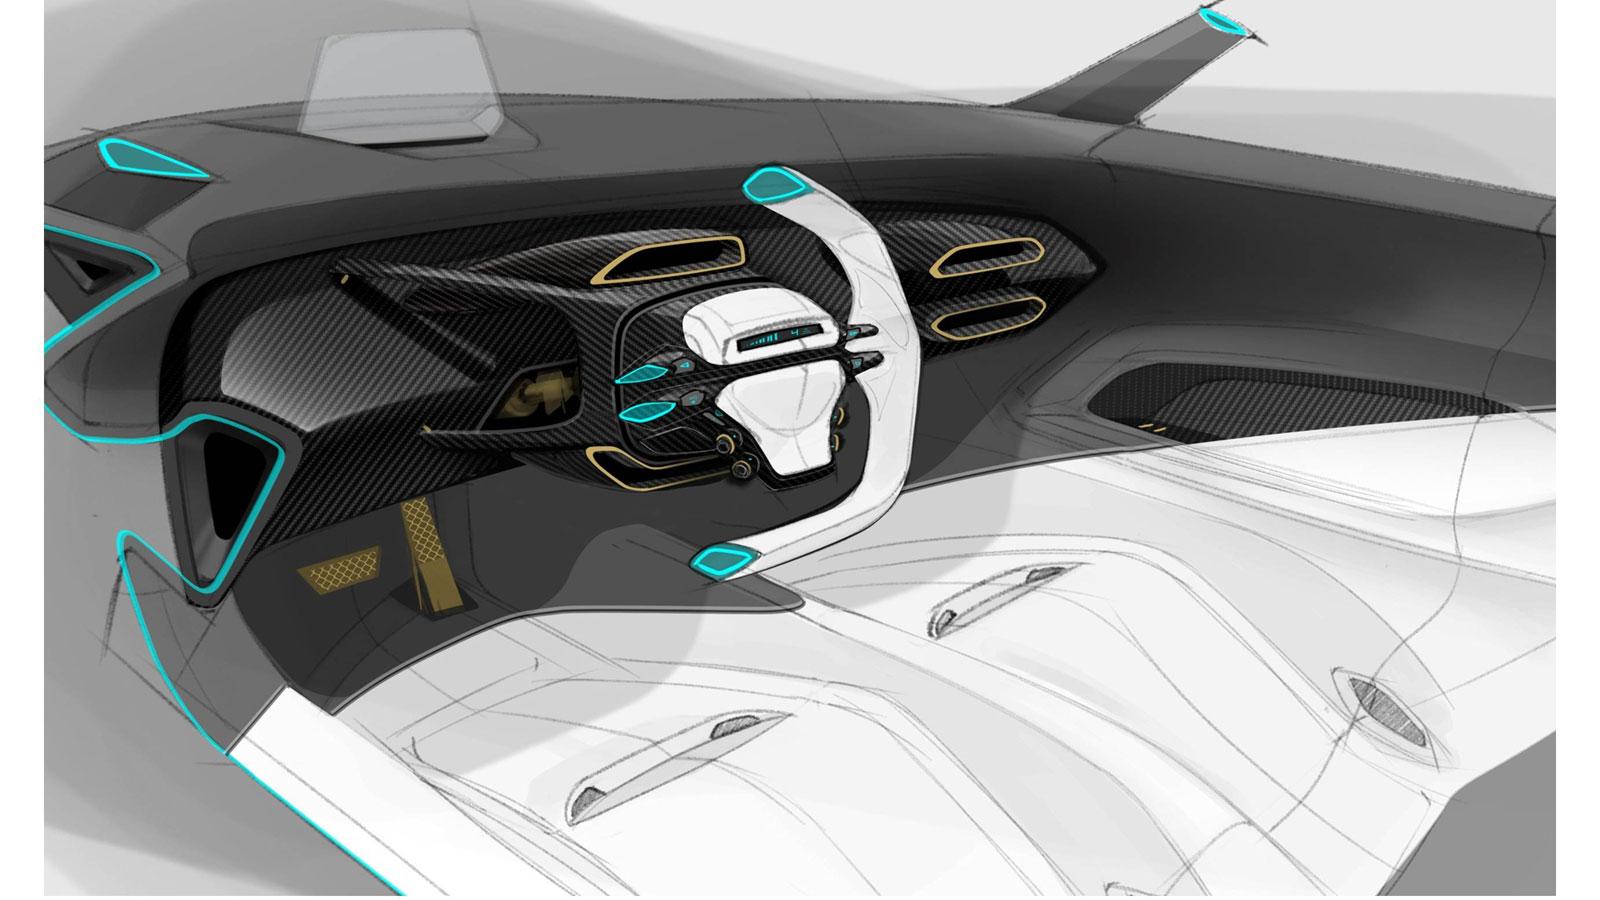 ford gt interior design sketch render car body design. Black Bedroom Furniture Sets. Home Design Ideas